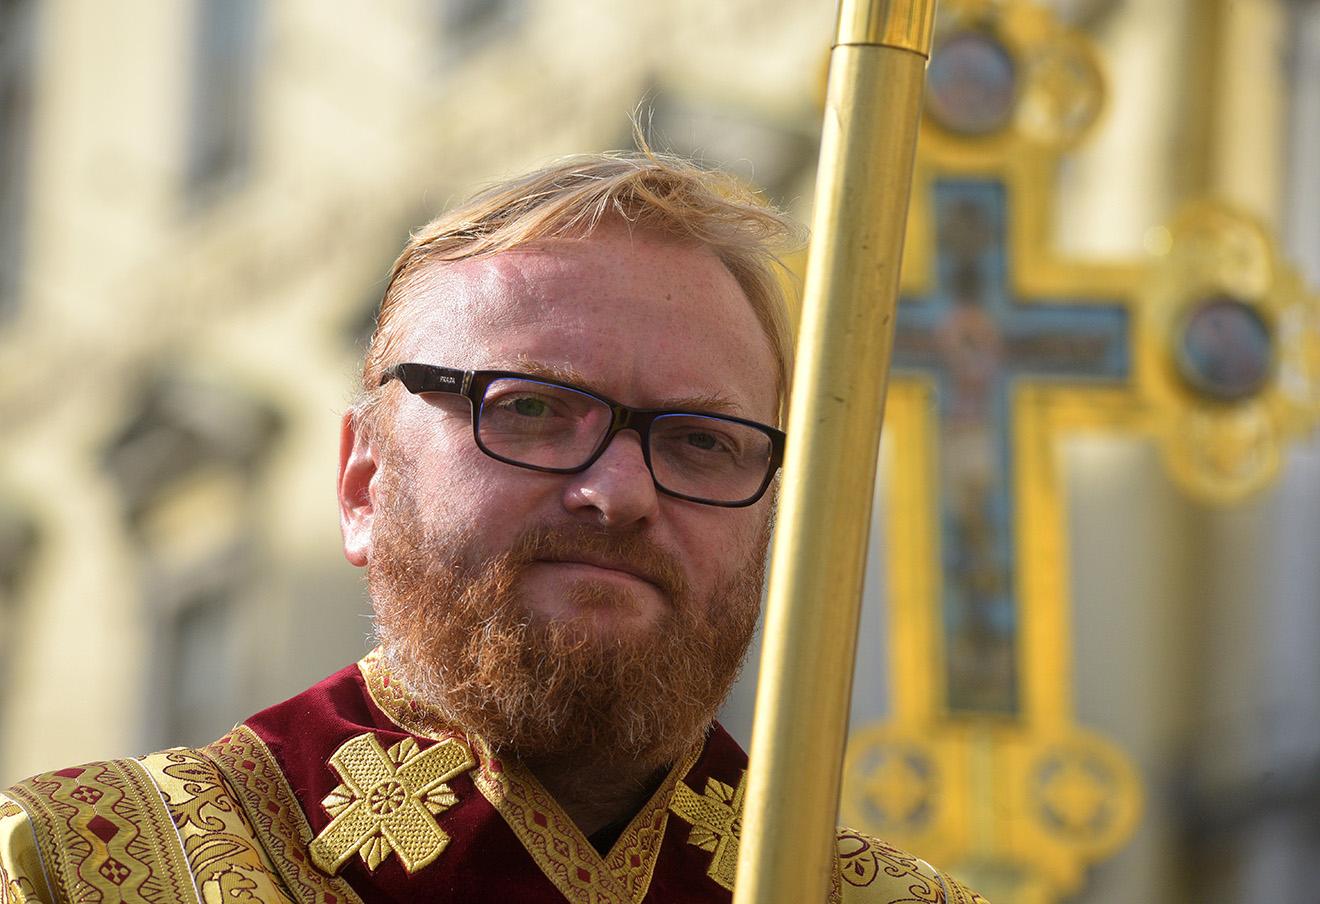 Виталий Милонов во время крестного хода на Невском проспекте. Фото: Сергей Николаев / ТАСС